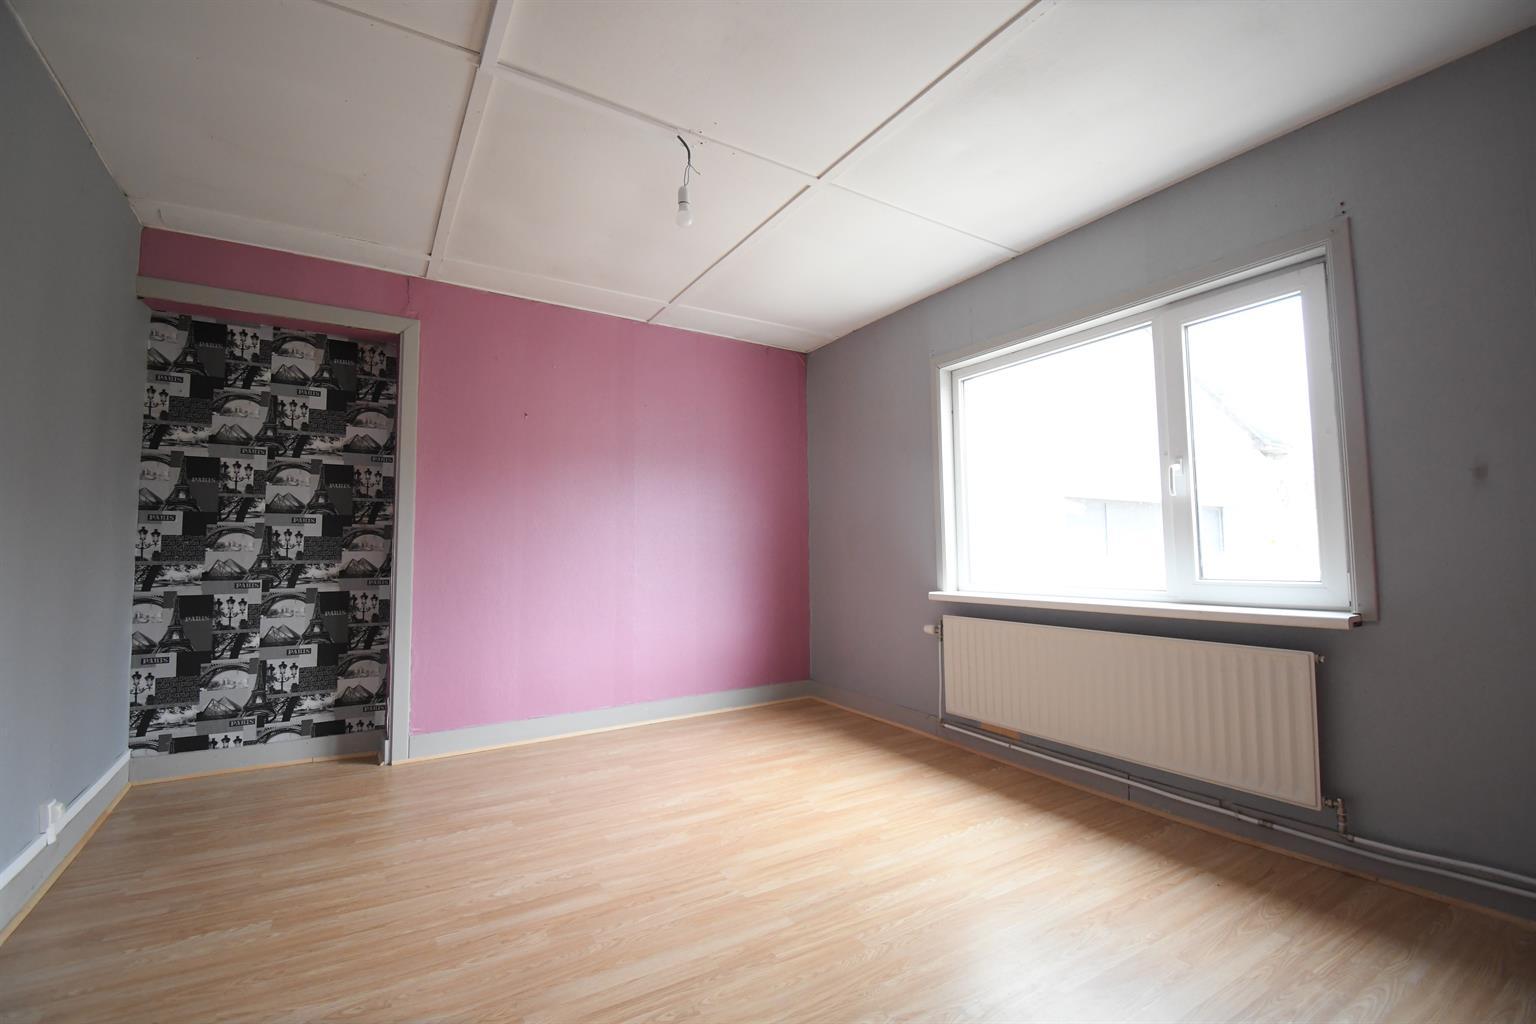 Maison - Braine-le-Comte - #4341571-5